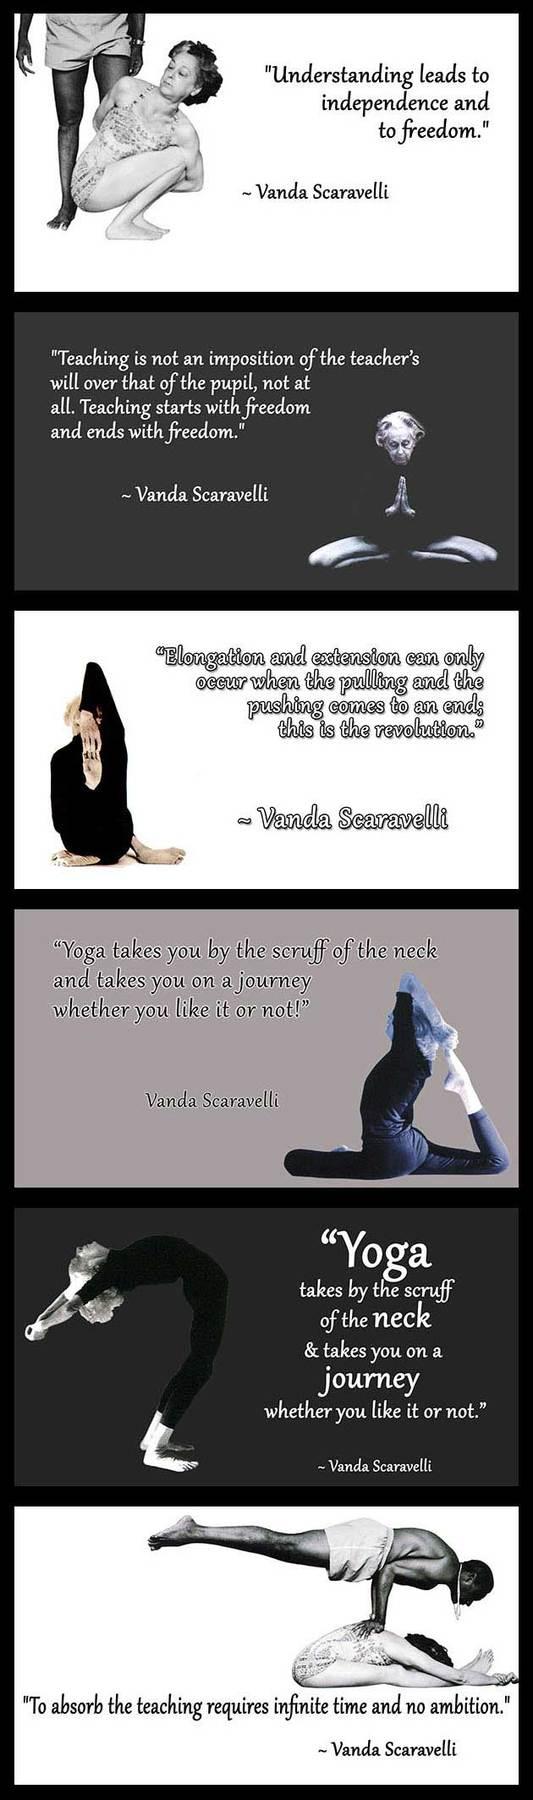 Vanda, Scaravelli, quotes, yoga, best, top, inspiring, quote